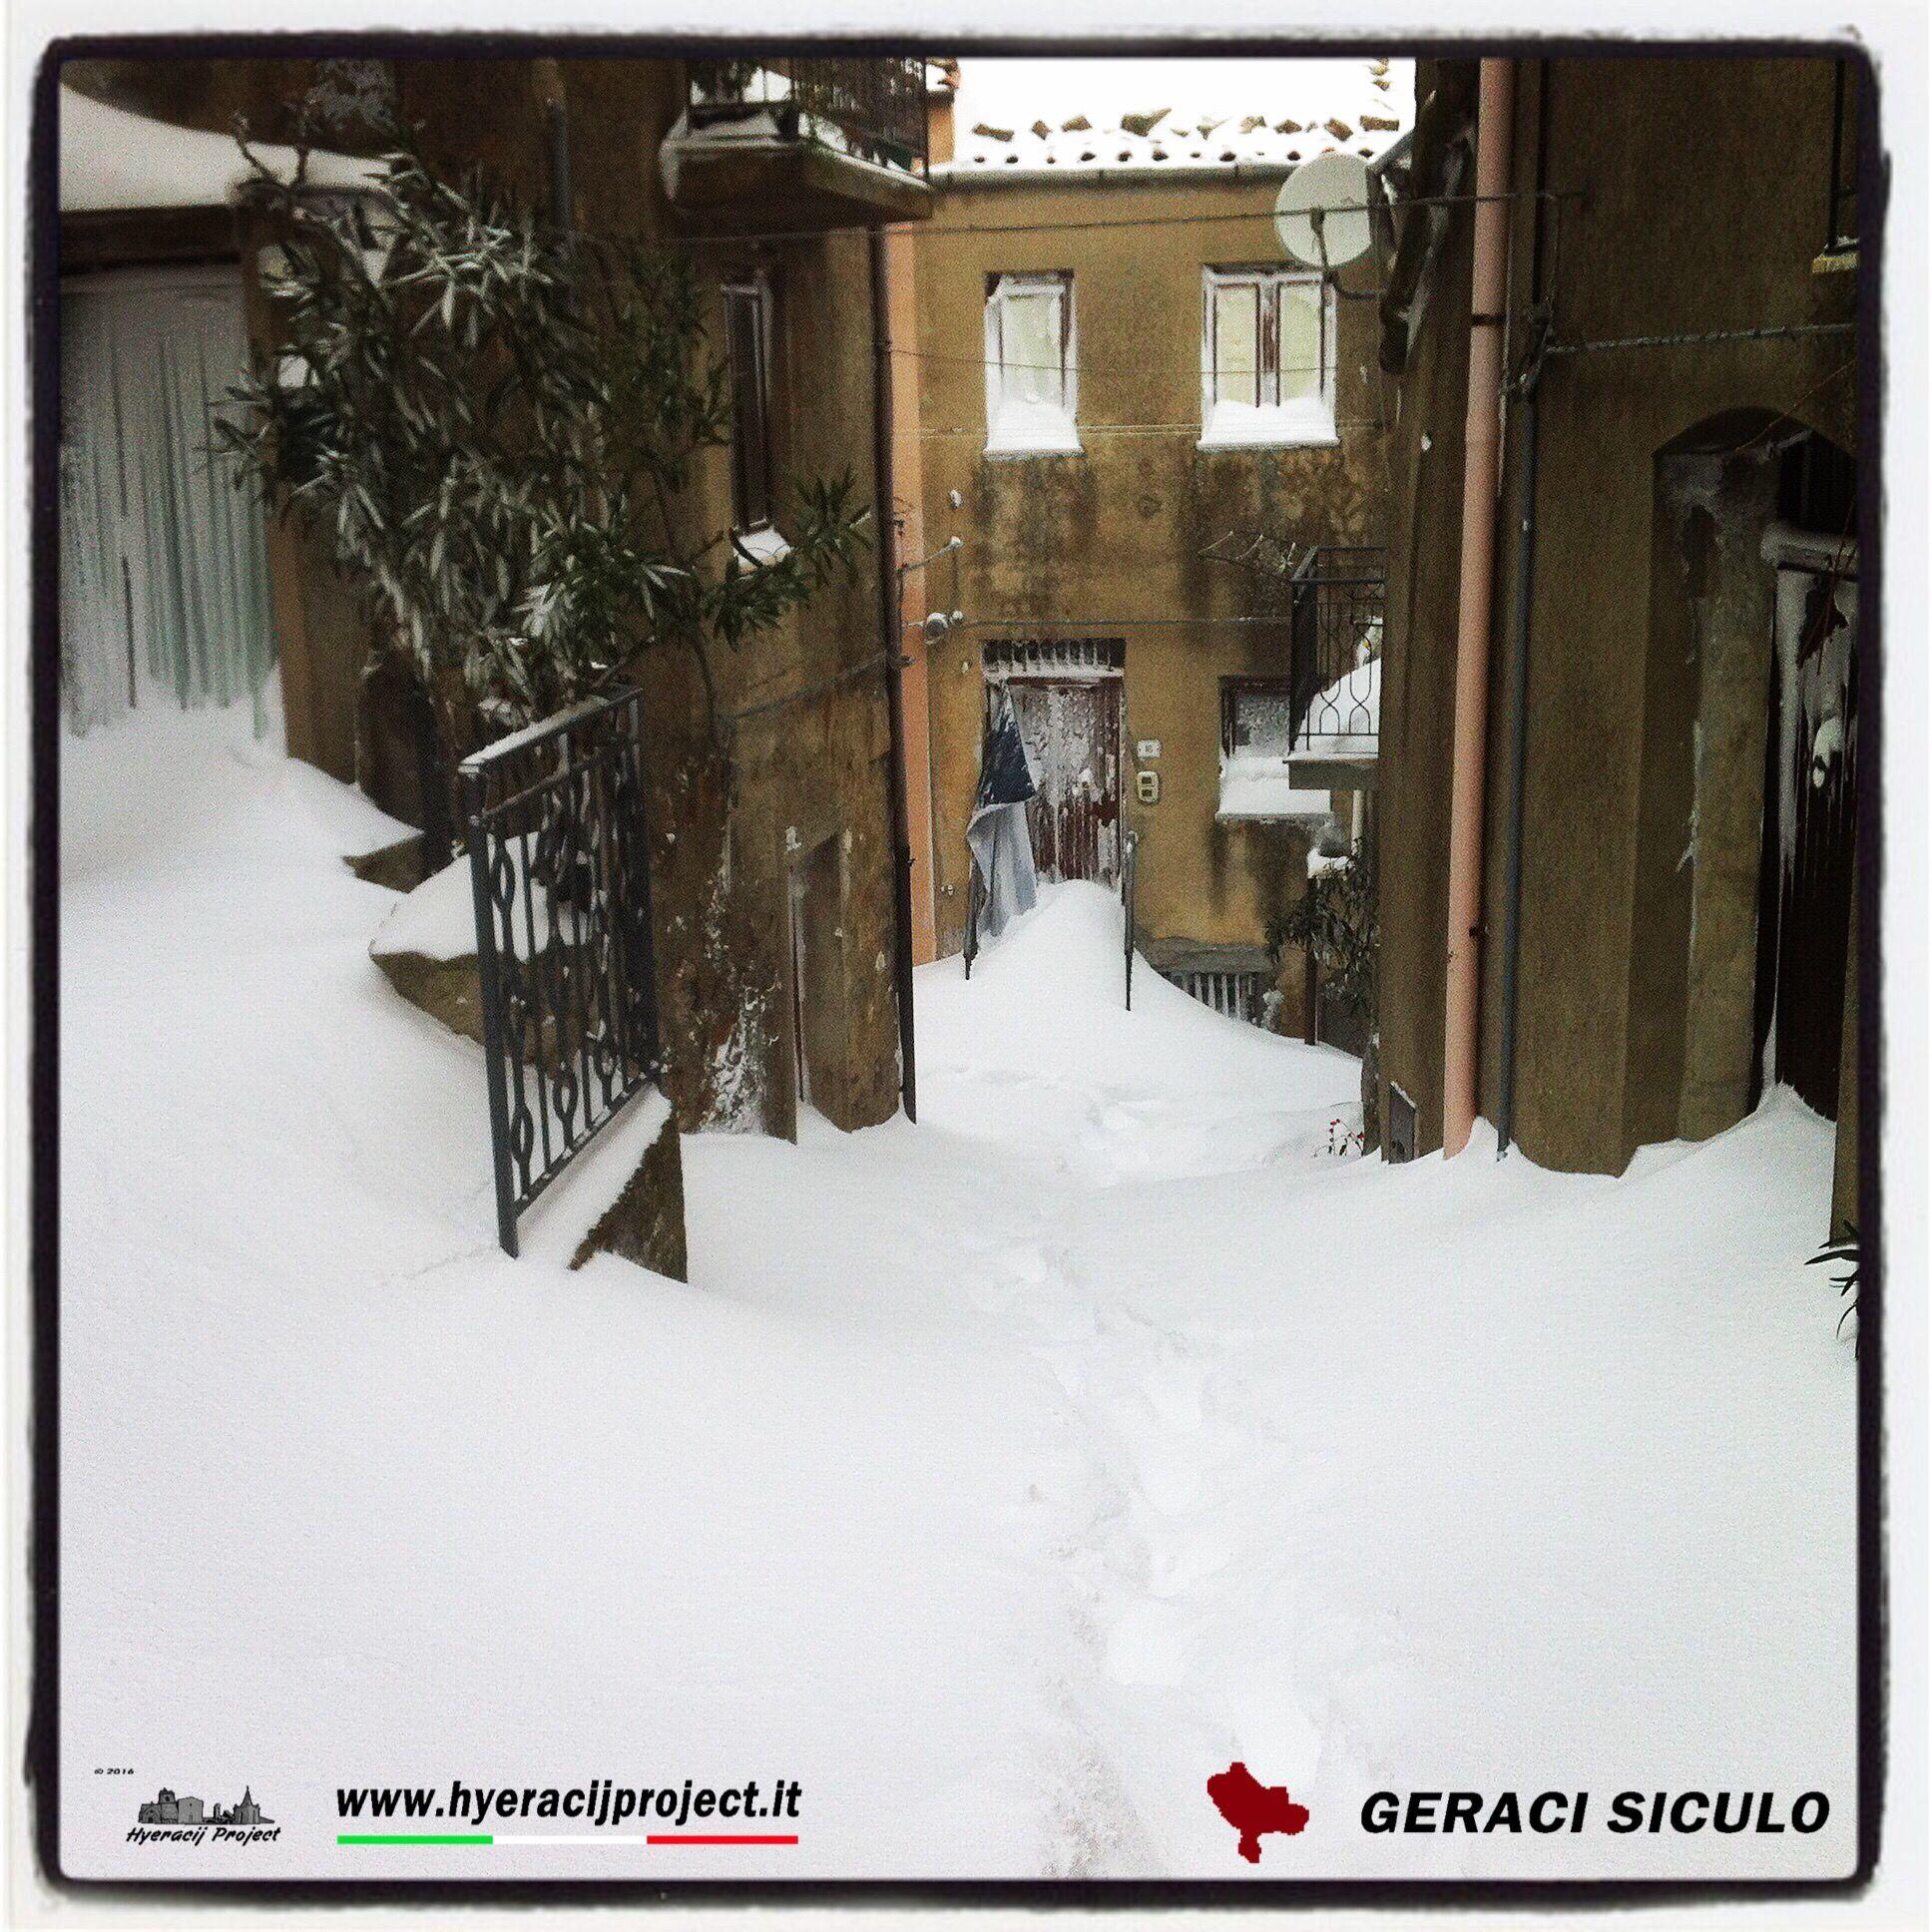 #GeraciSiculo, Qui Geraci, neve molto alta. Per il giro all'intero del borgo é consigliabile l'uso delle catene!!!! Il portale ufficiale del progetto 👉 www.hyeracijproject.it